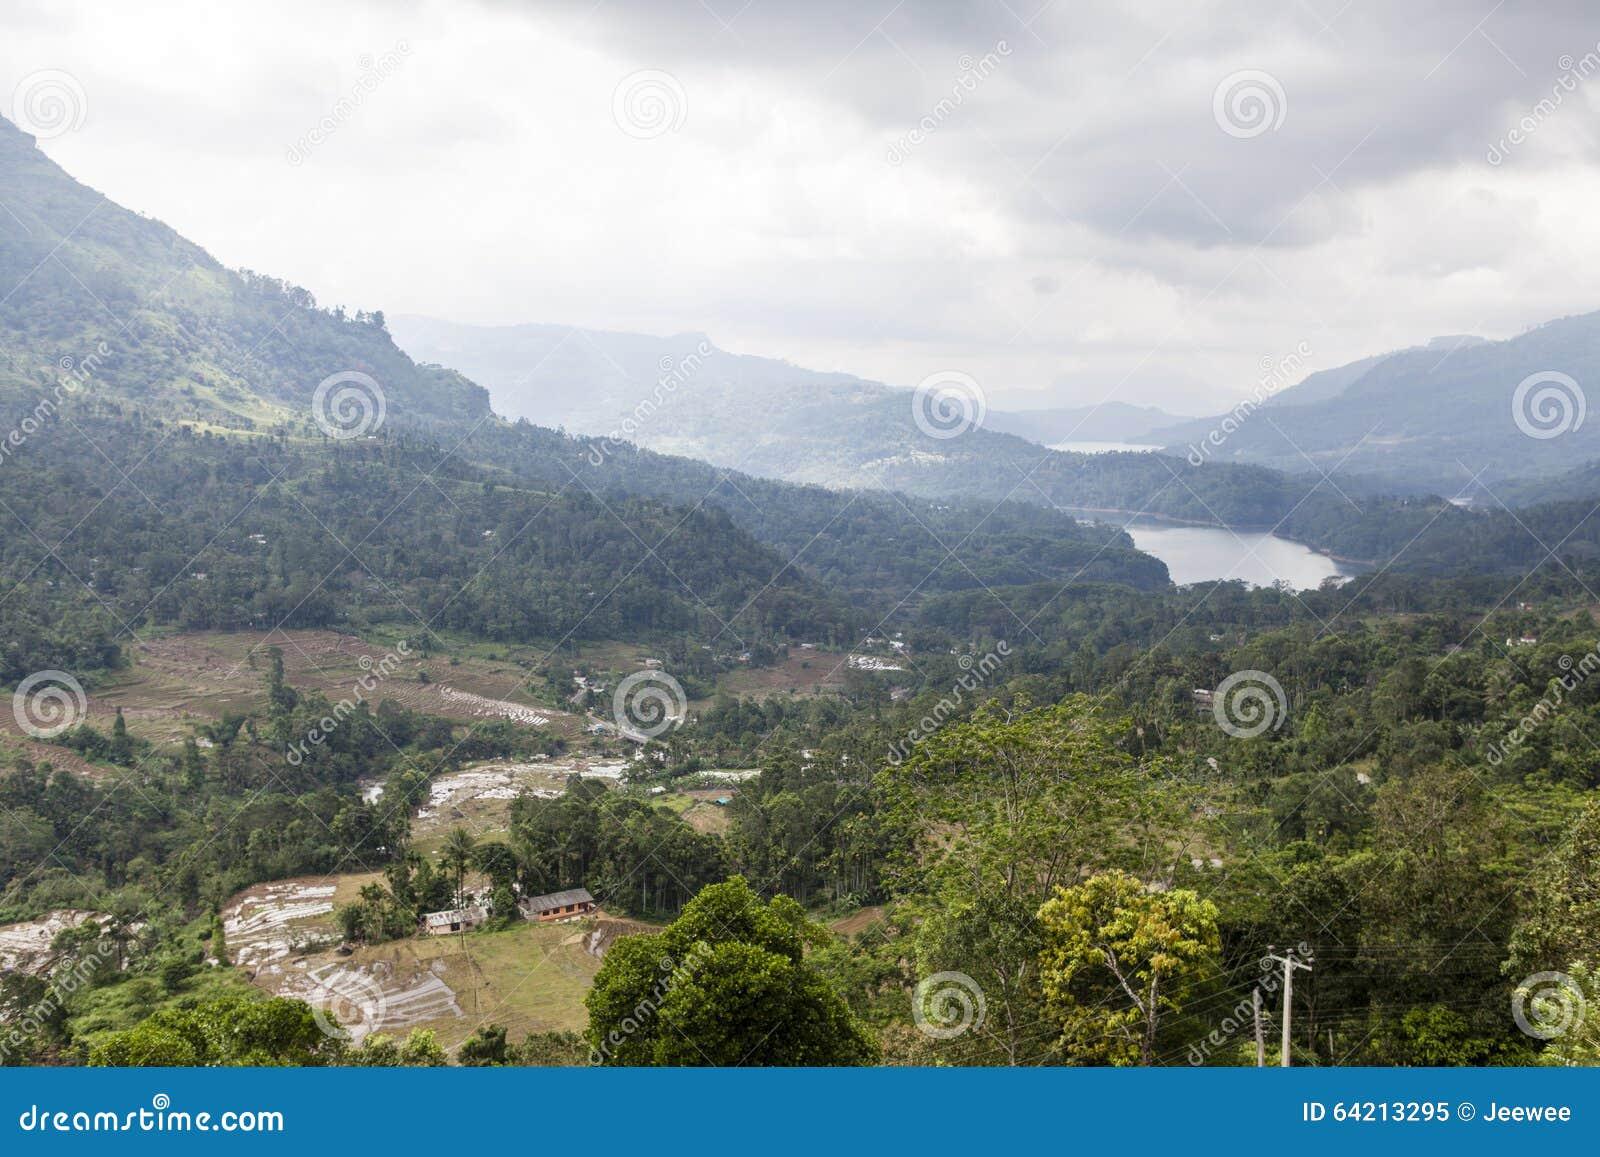 Colinas verdes y montañas en el país de la colina alrededor de Nuwara Eliya en Sri Lanka central